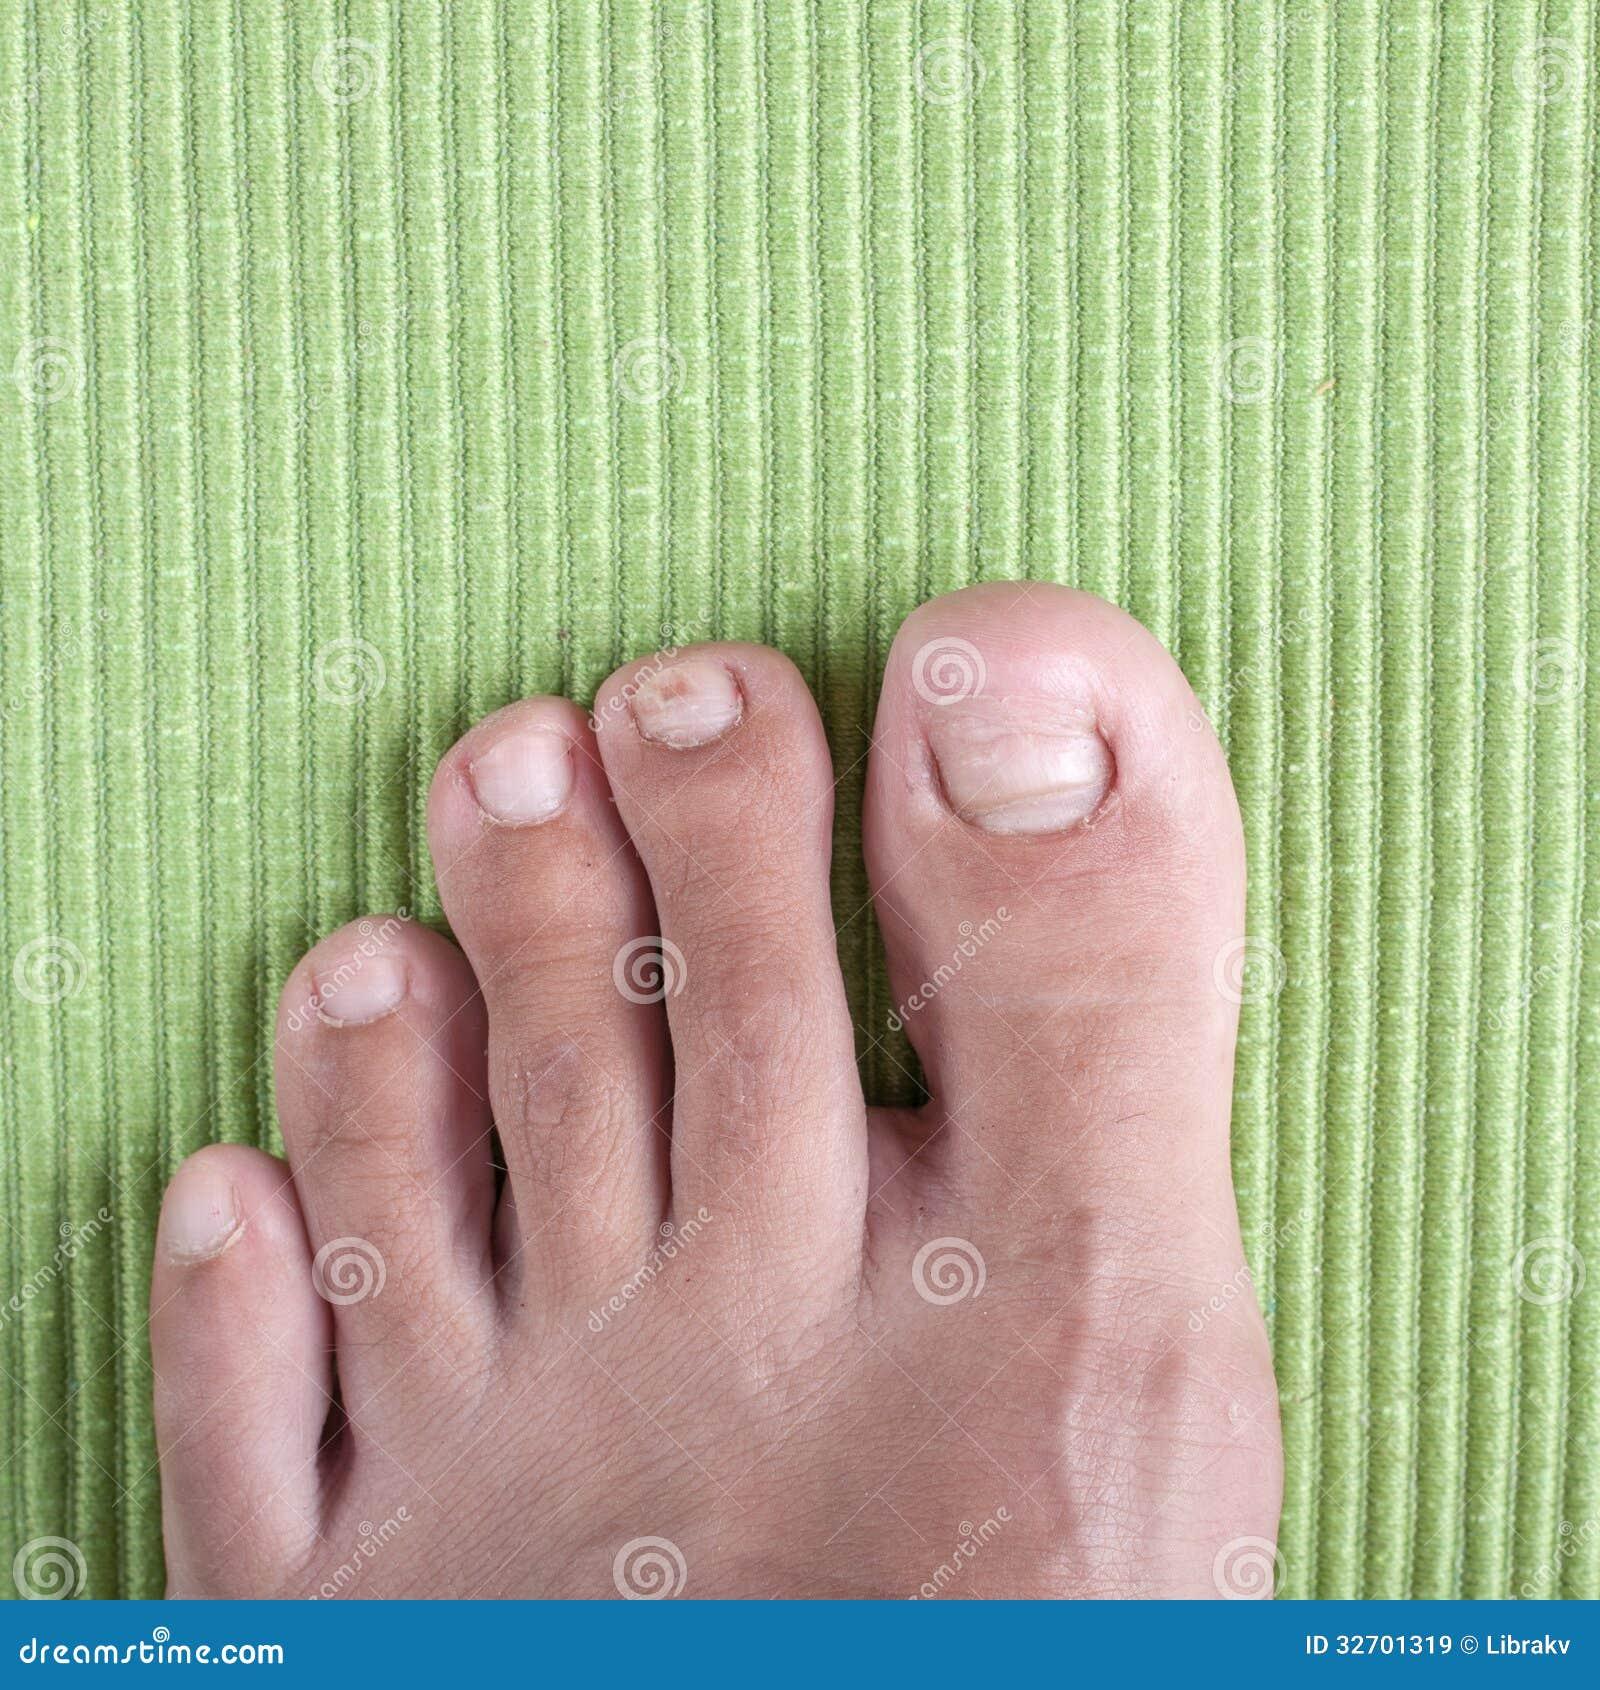 Badly Infected Ingrown Toenail Ingrown Toe Nail Royal...